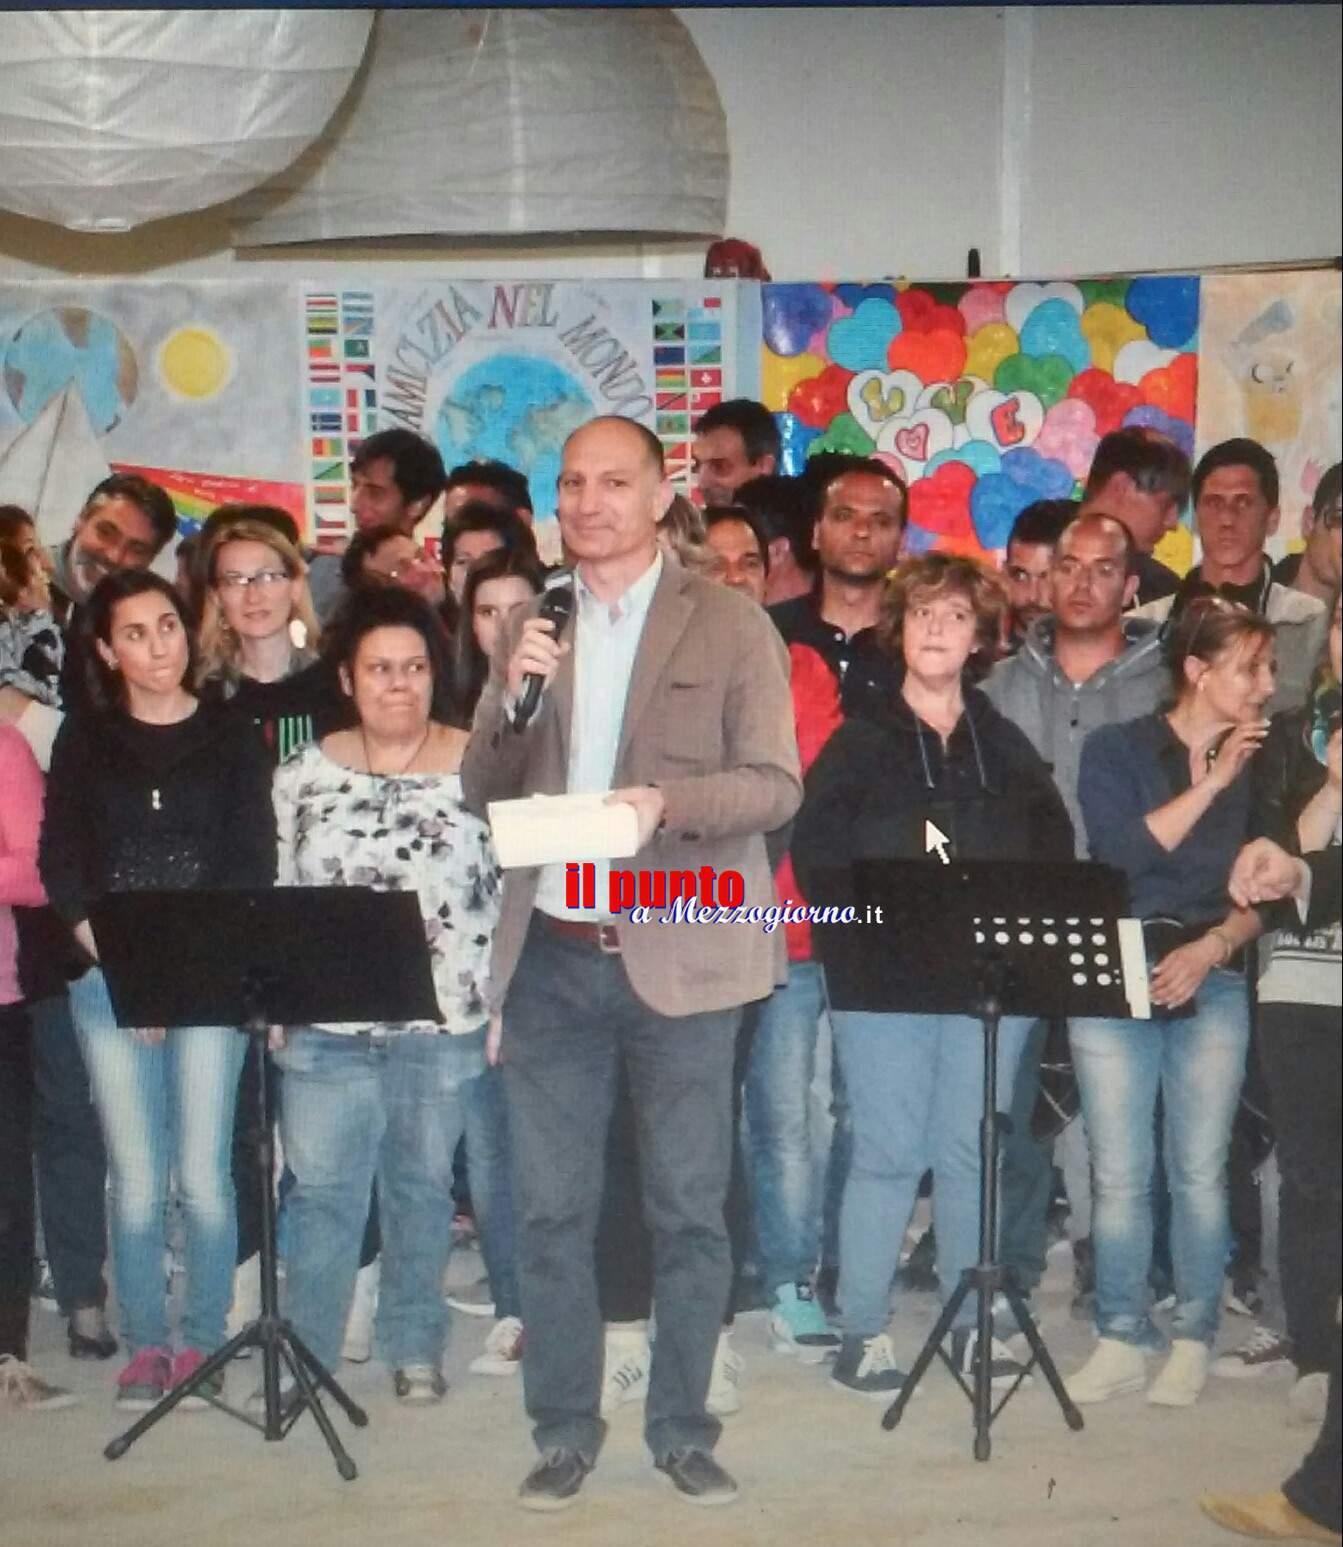 Mille giovani per la pace. Exodus, attesa per l'evento del 21 maggio